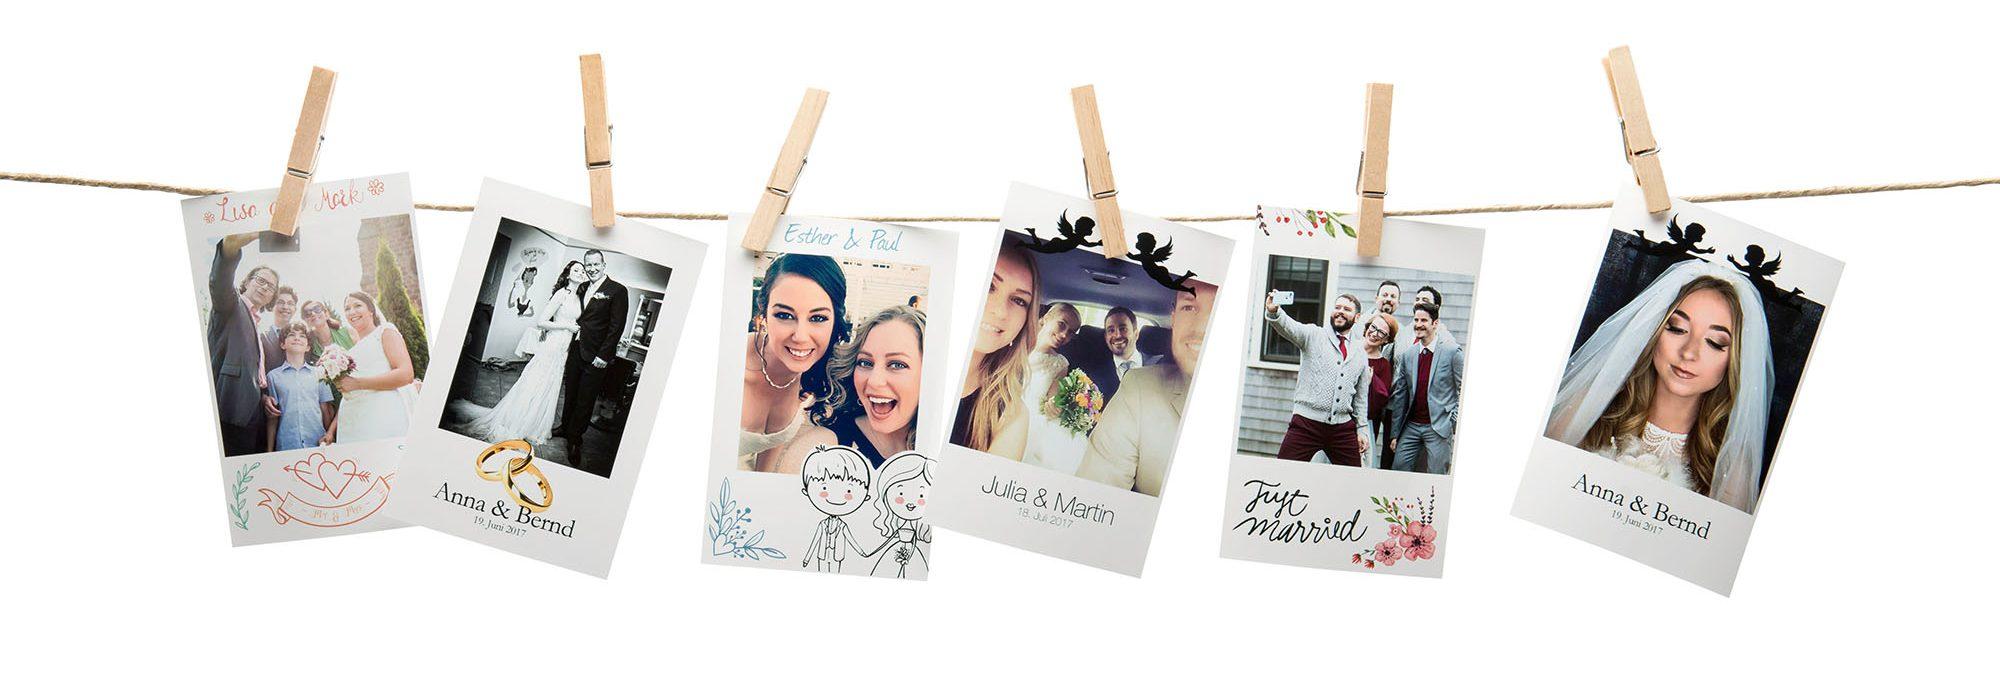 waescheleine_weddingprinter